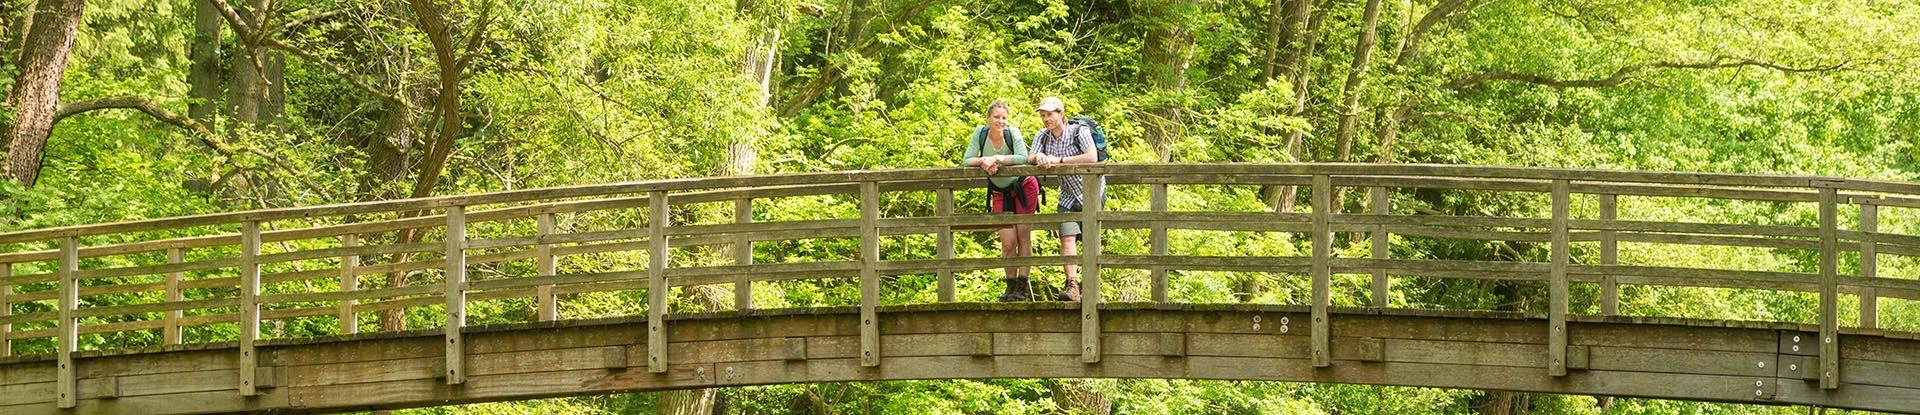 Wanderer auf einer Brücke